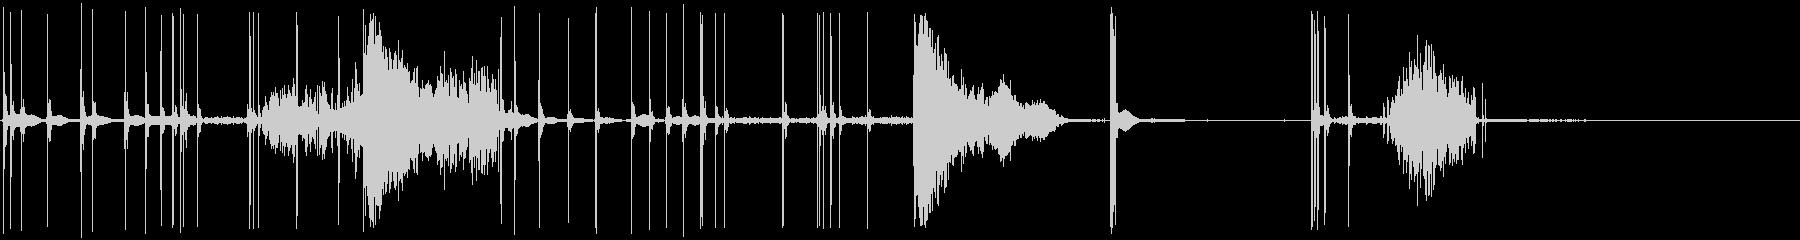 花火:複数のポッピングとホイッスリ...の未再生の波形